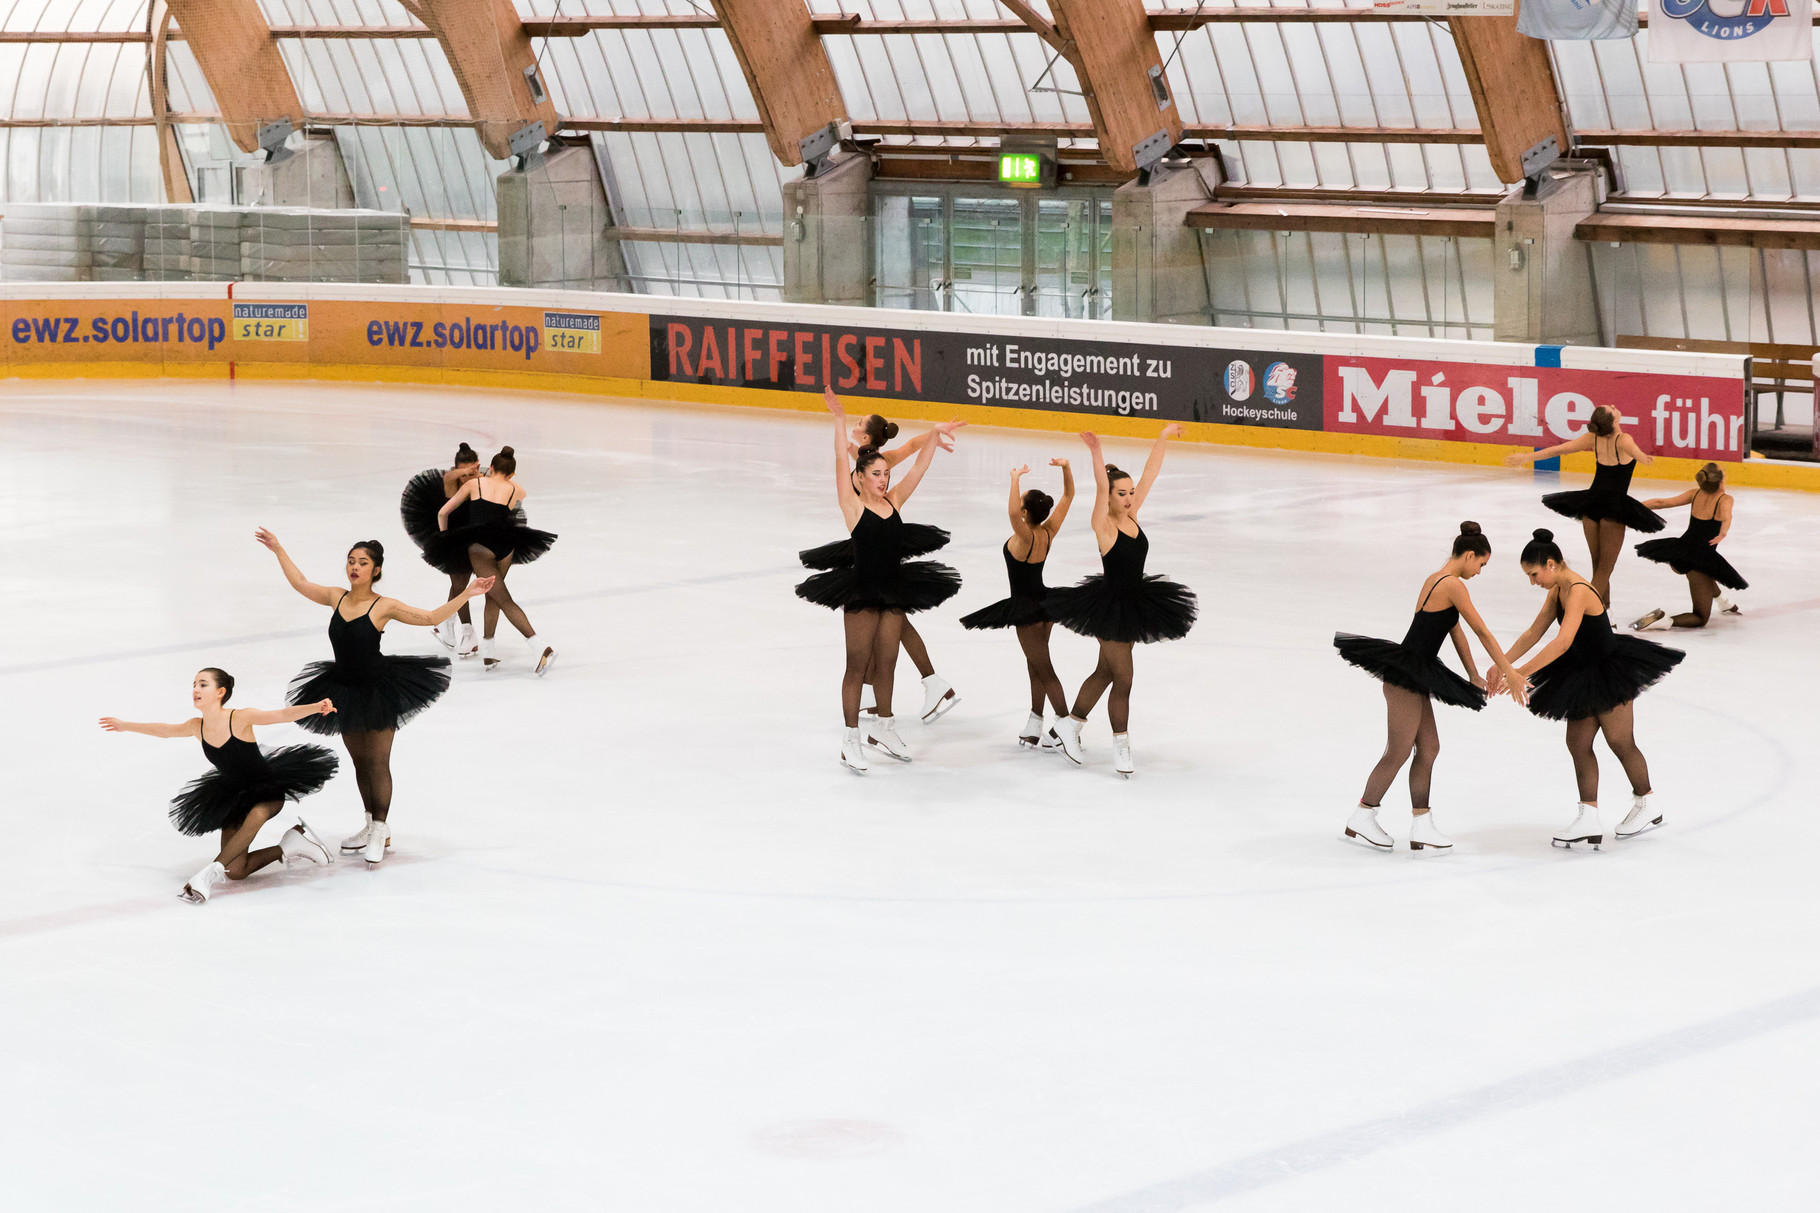 Das Mixed-Age Team präsentierte zum 1. Mal ihre neue Kür zu Black Swan